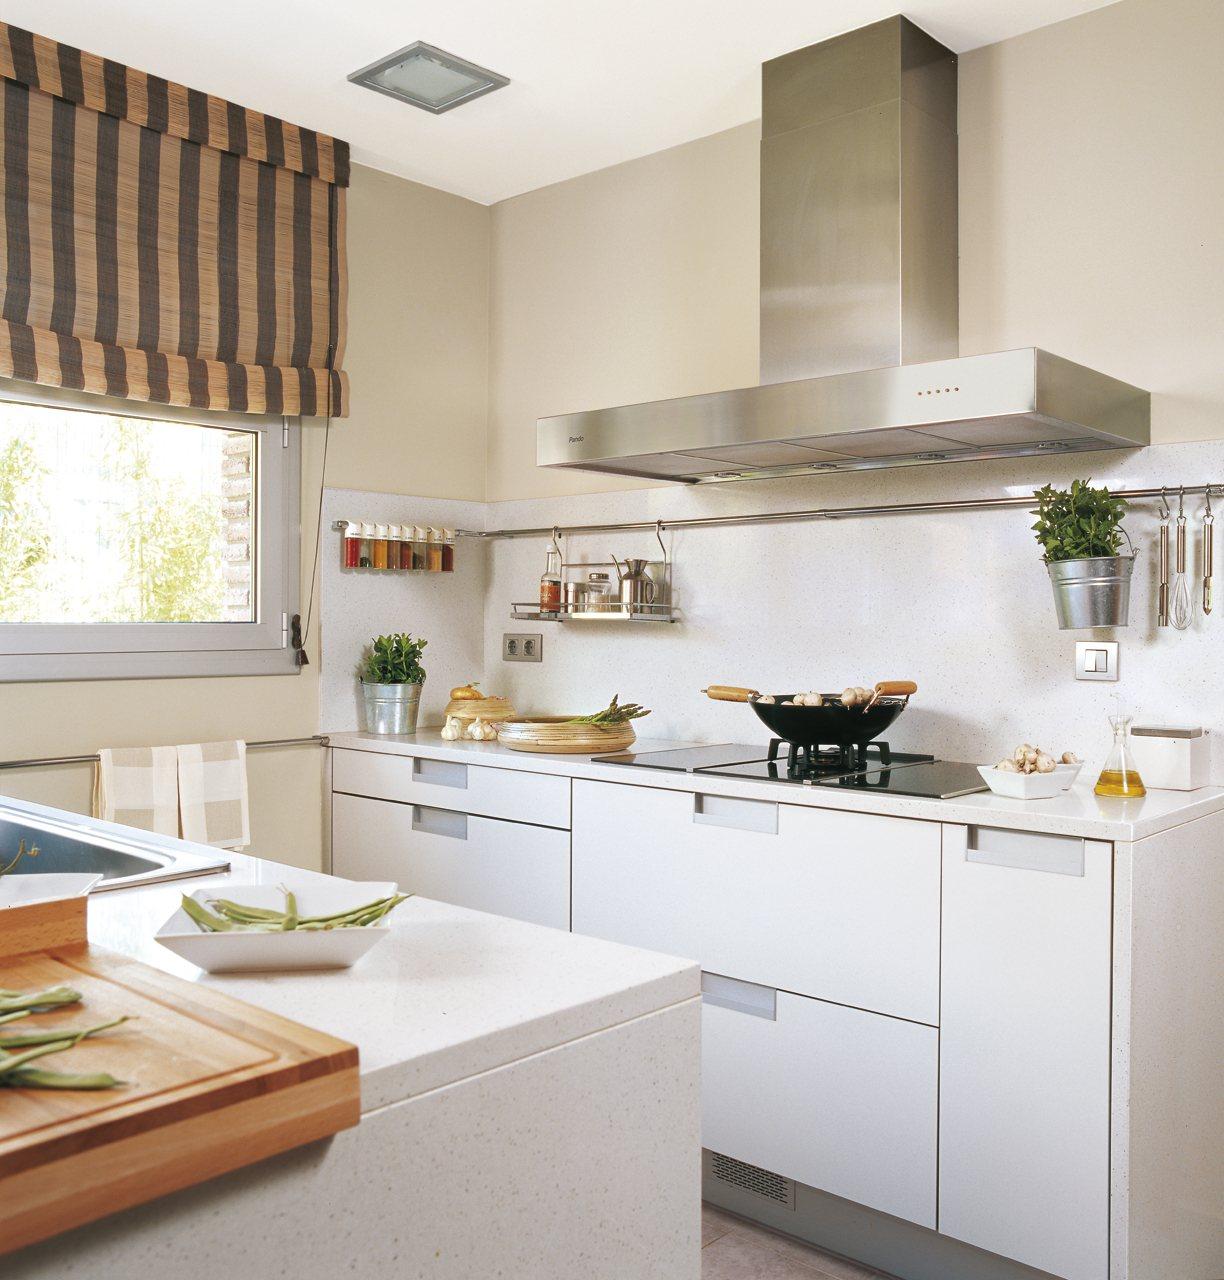 Renovar la cocina sin obras for Como renovar una cocina sin obras